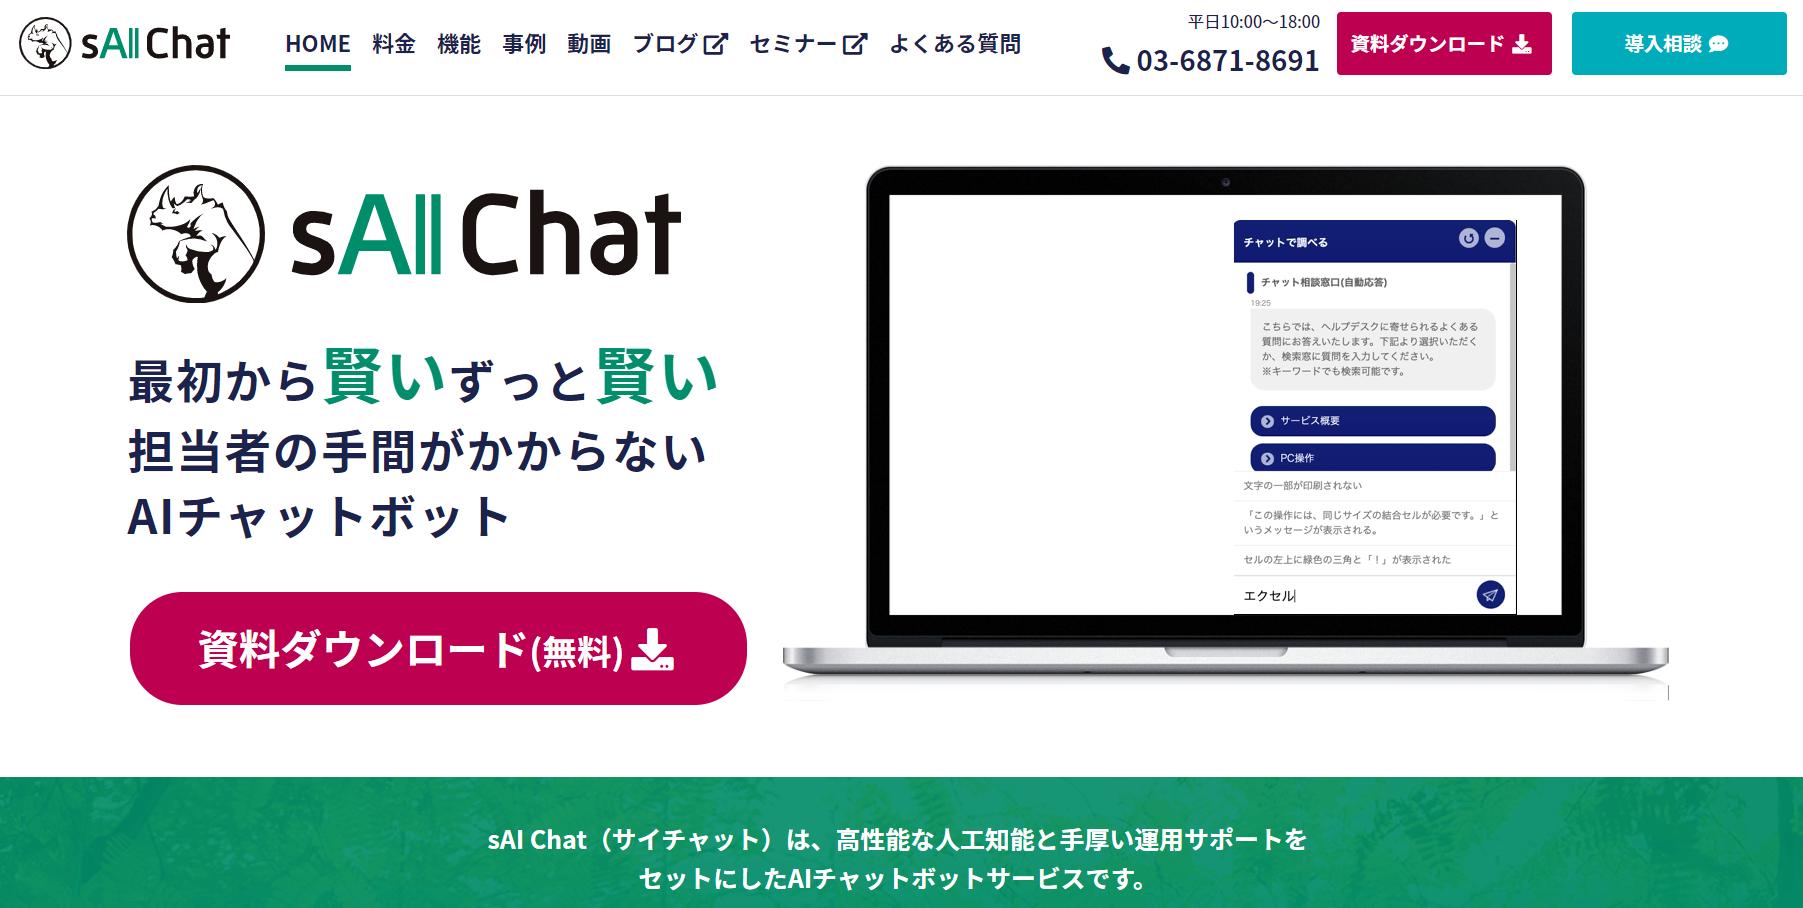 sAI Chat